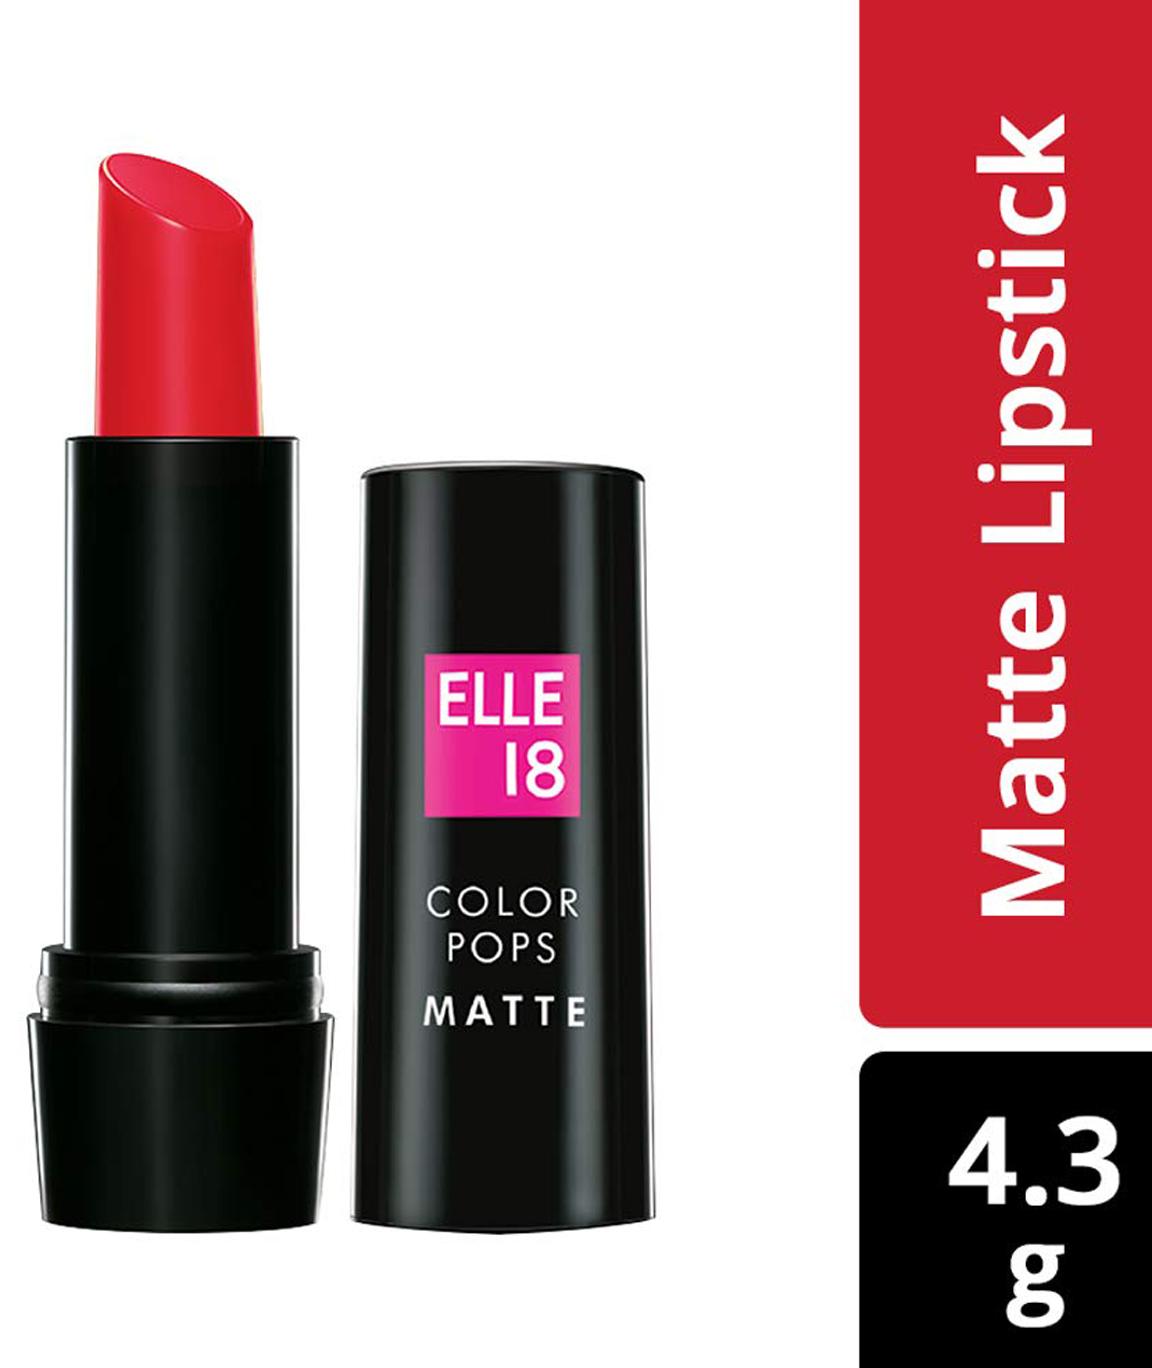 Elle18 Color Pops Matte Lipstick R37 Ravishing Red 4.3 g